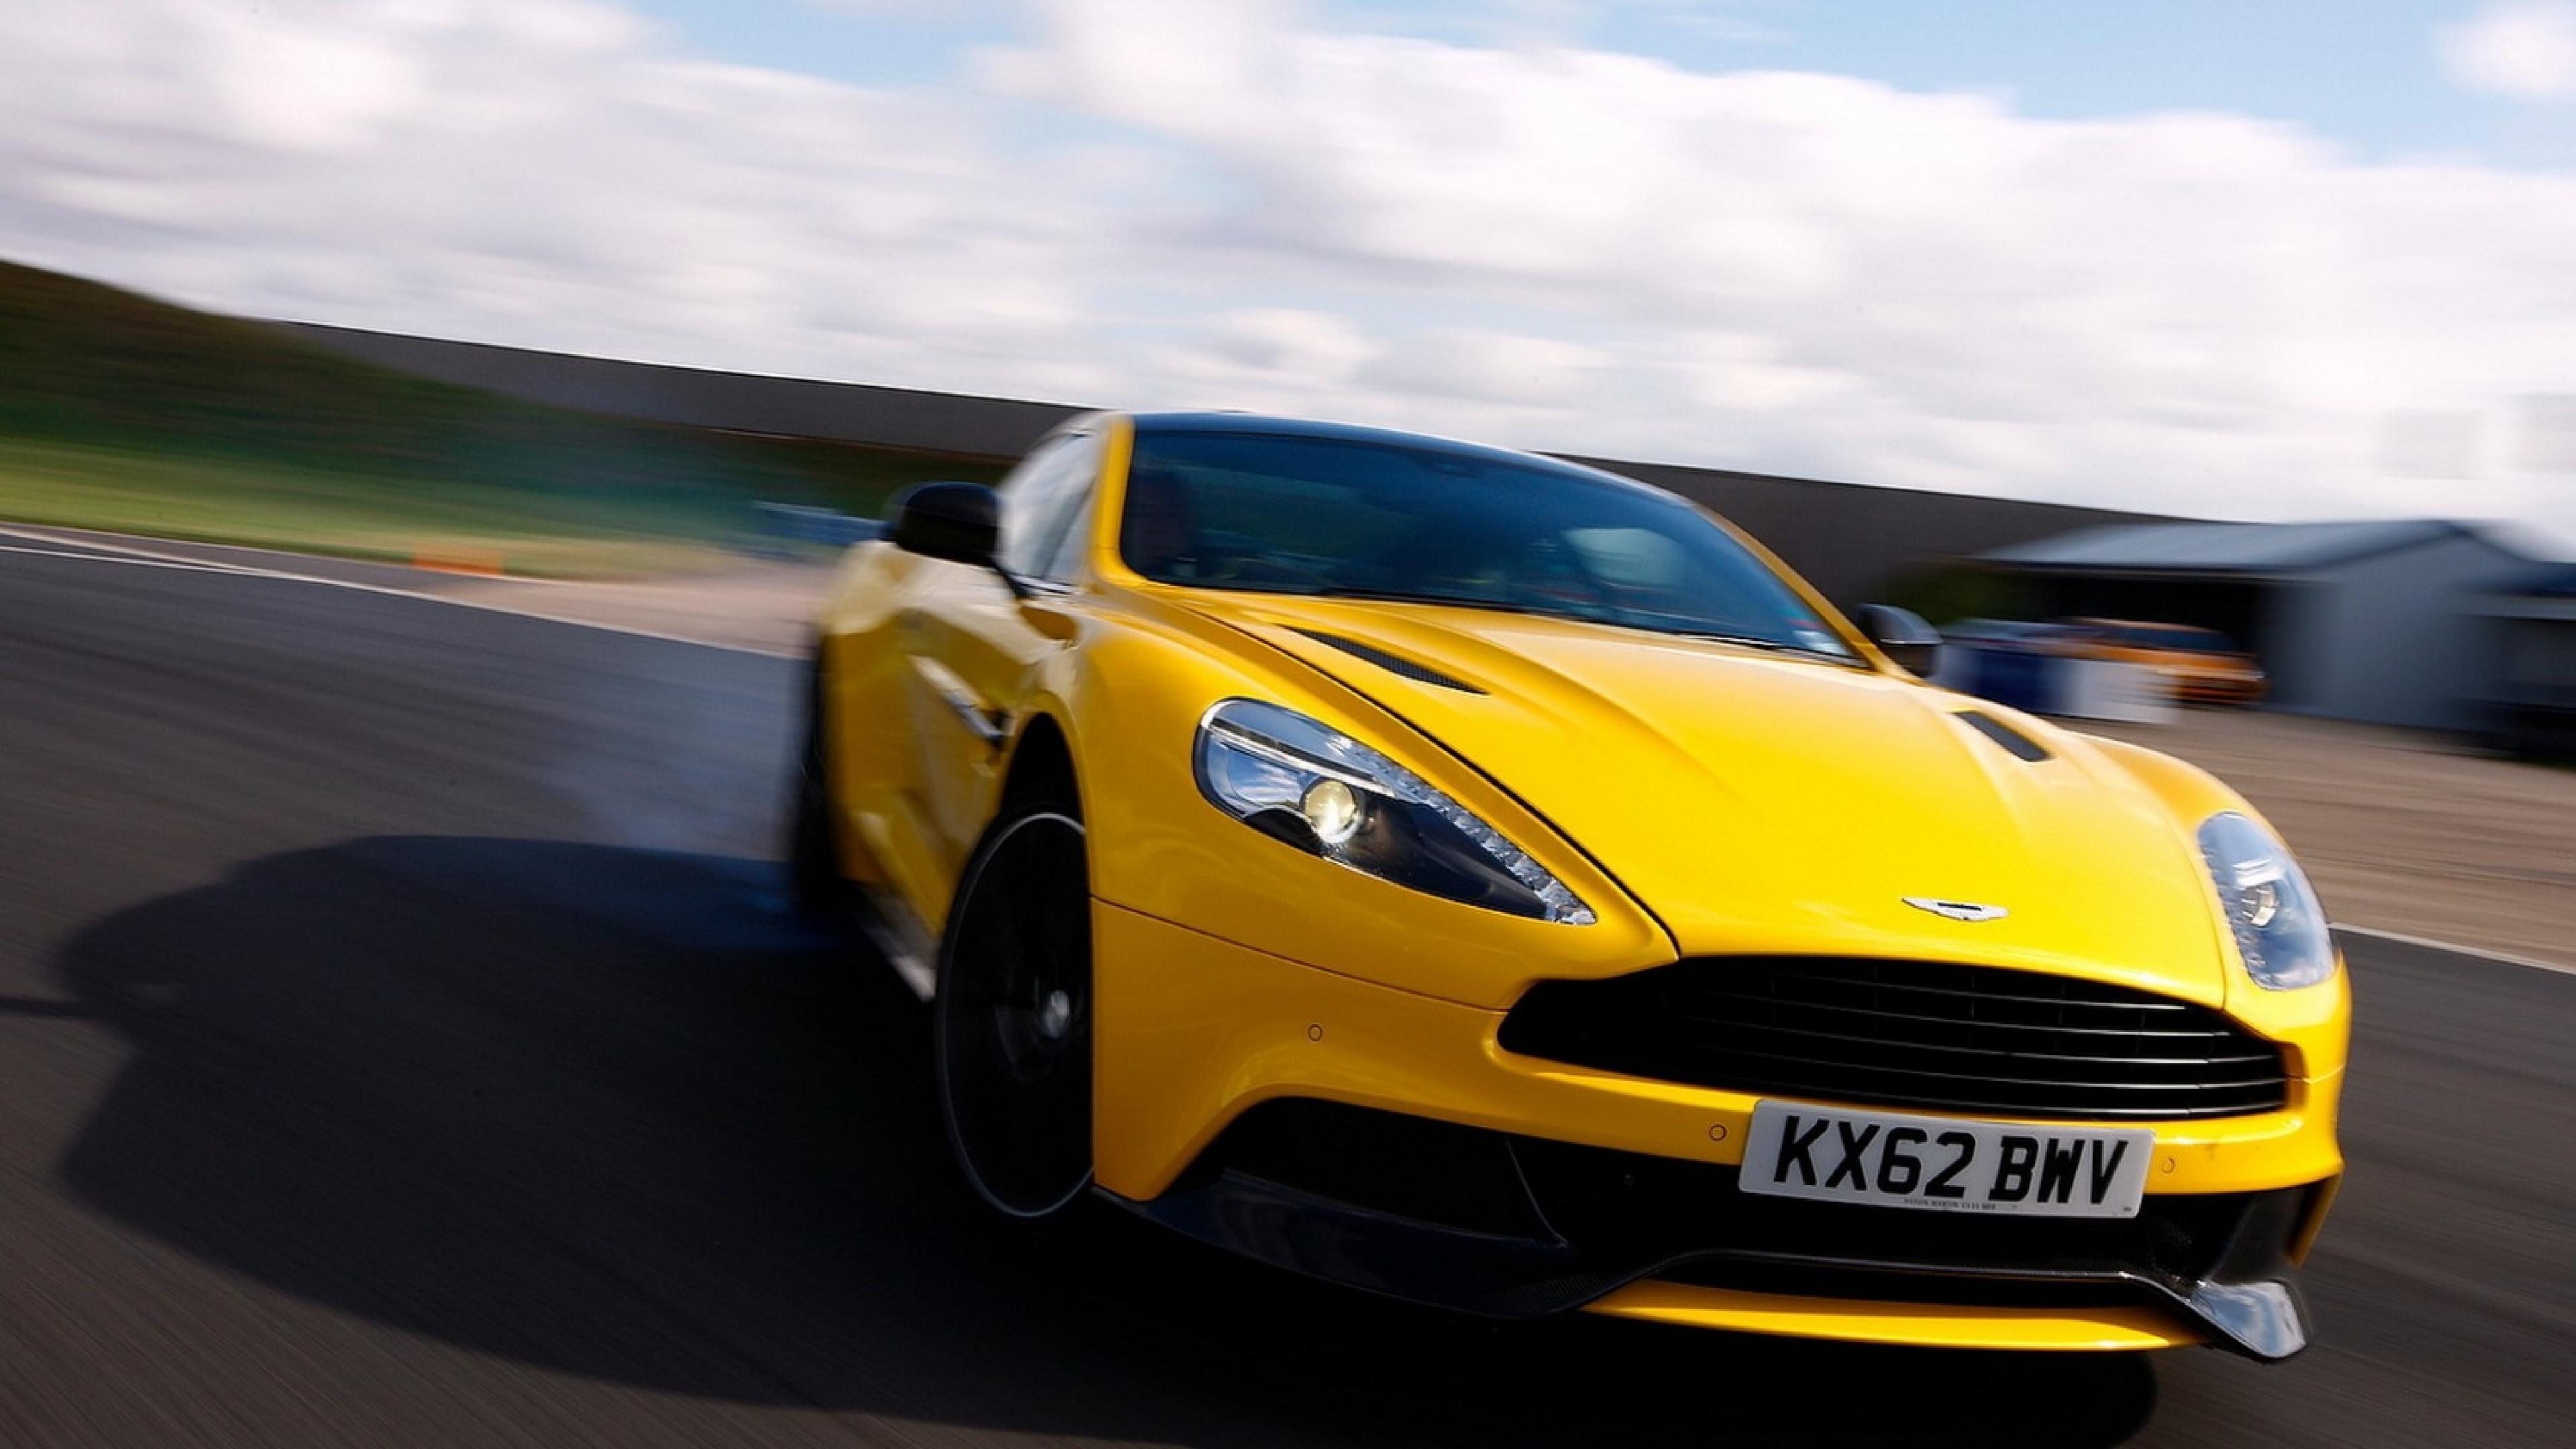 Speed Blur Limber Aston martin Wallpaper Background 4K Ultra HD 3840x2160